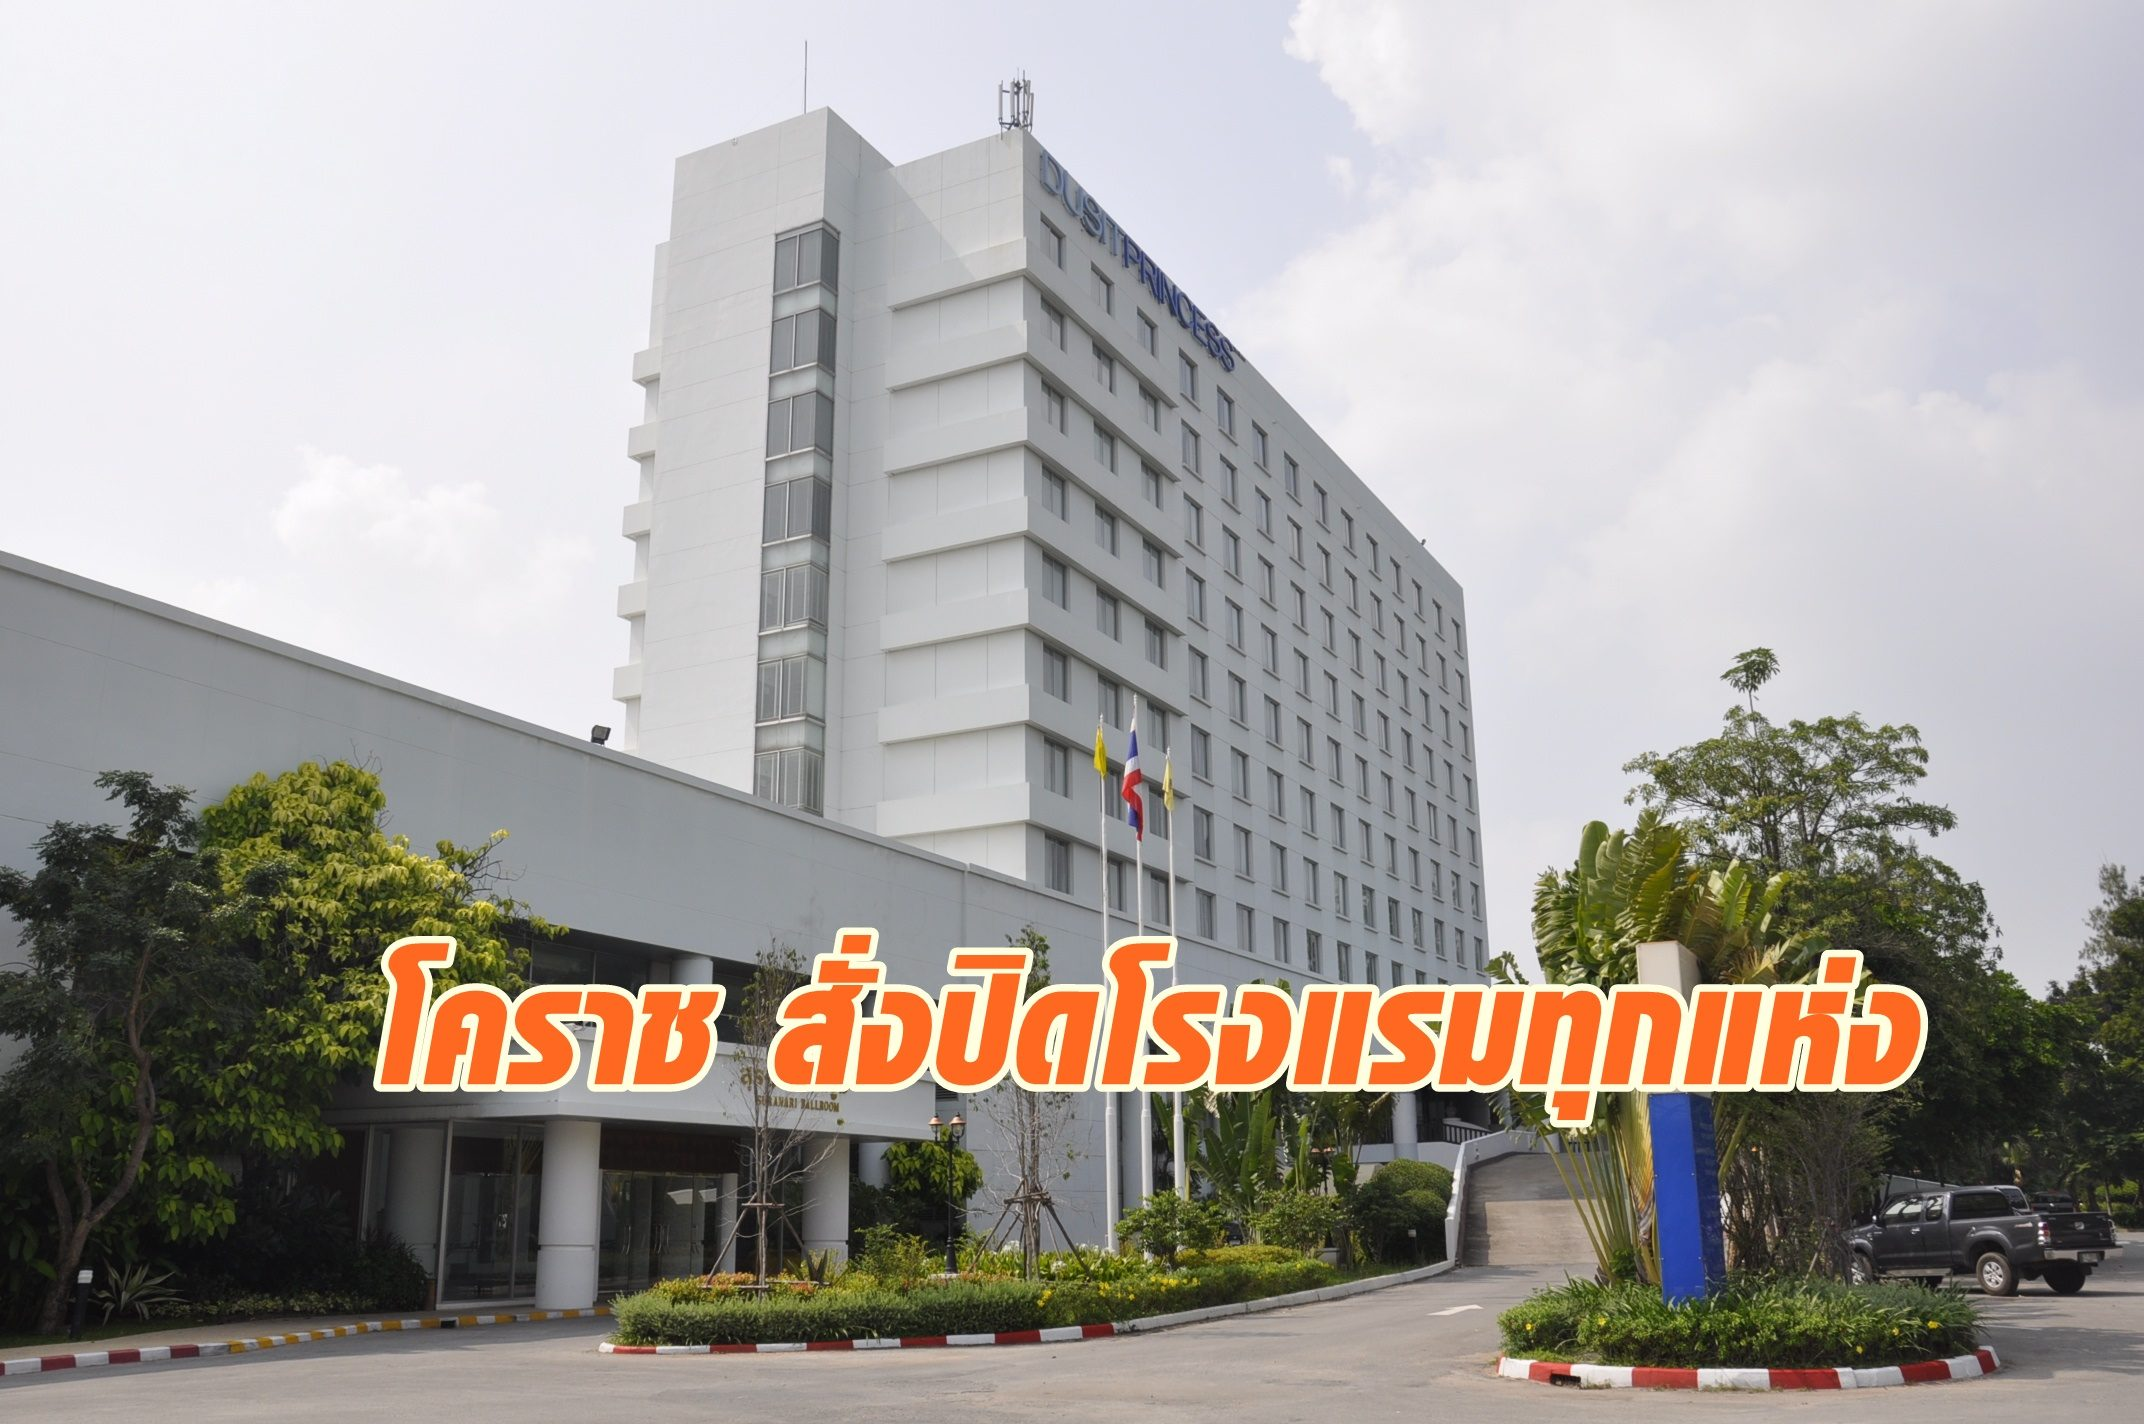 ผู้ว่าฯ โคราช สั่งปิดโรงแรมทุกแห่งในพื้นที่ ป้องกันไวรัสโควิด-19 แพร่ระบาด